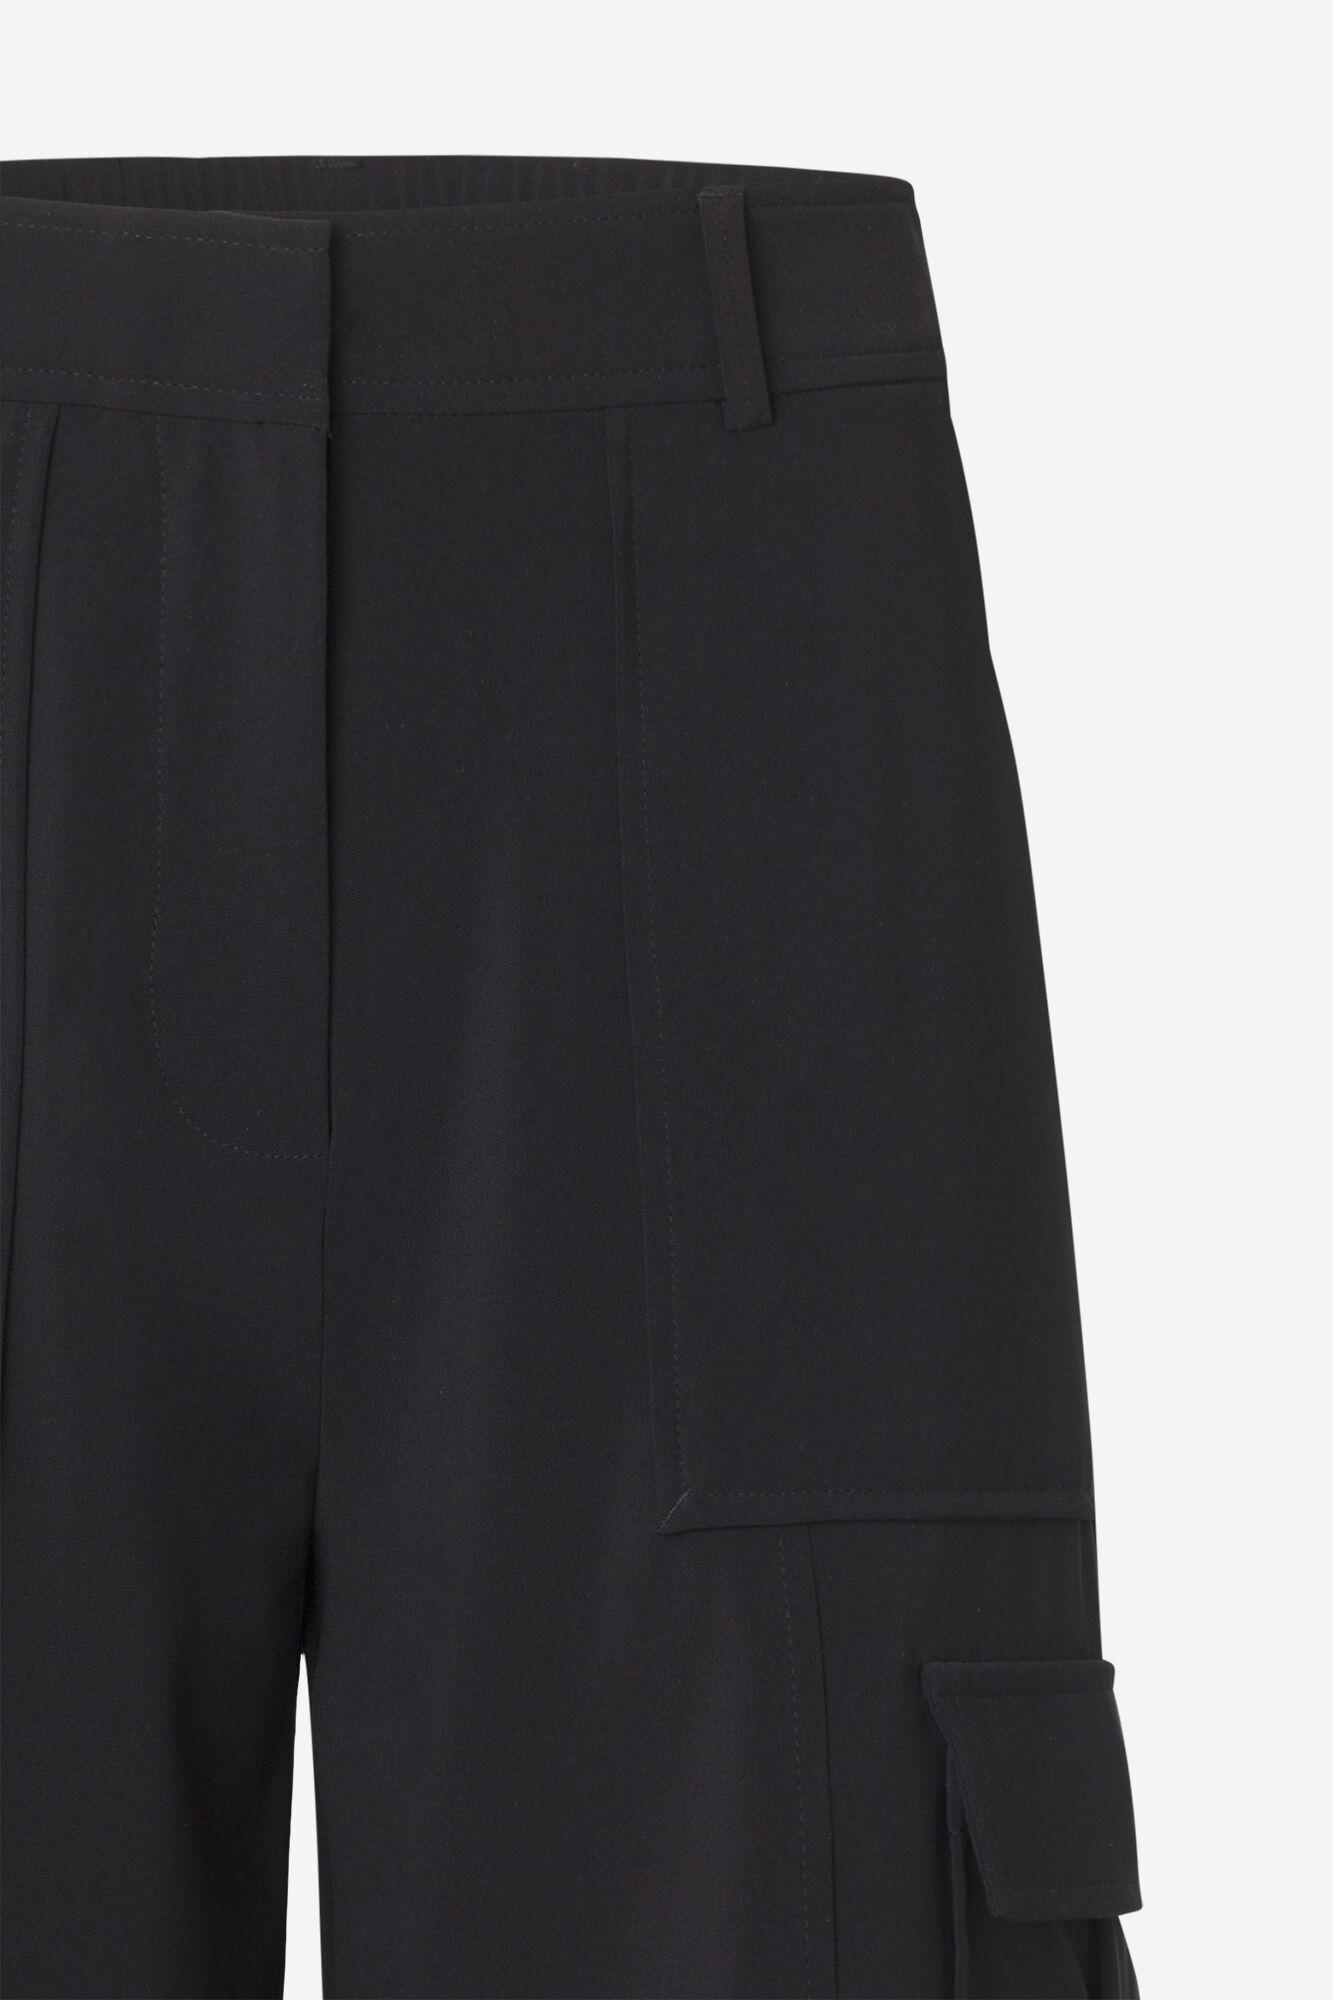 Citrine shorts 10654, BLACK